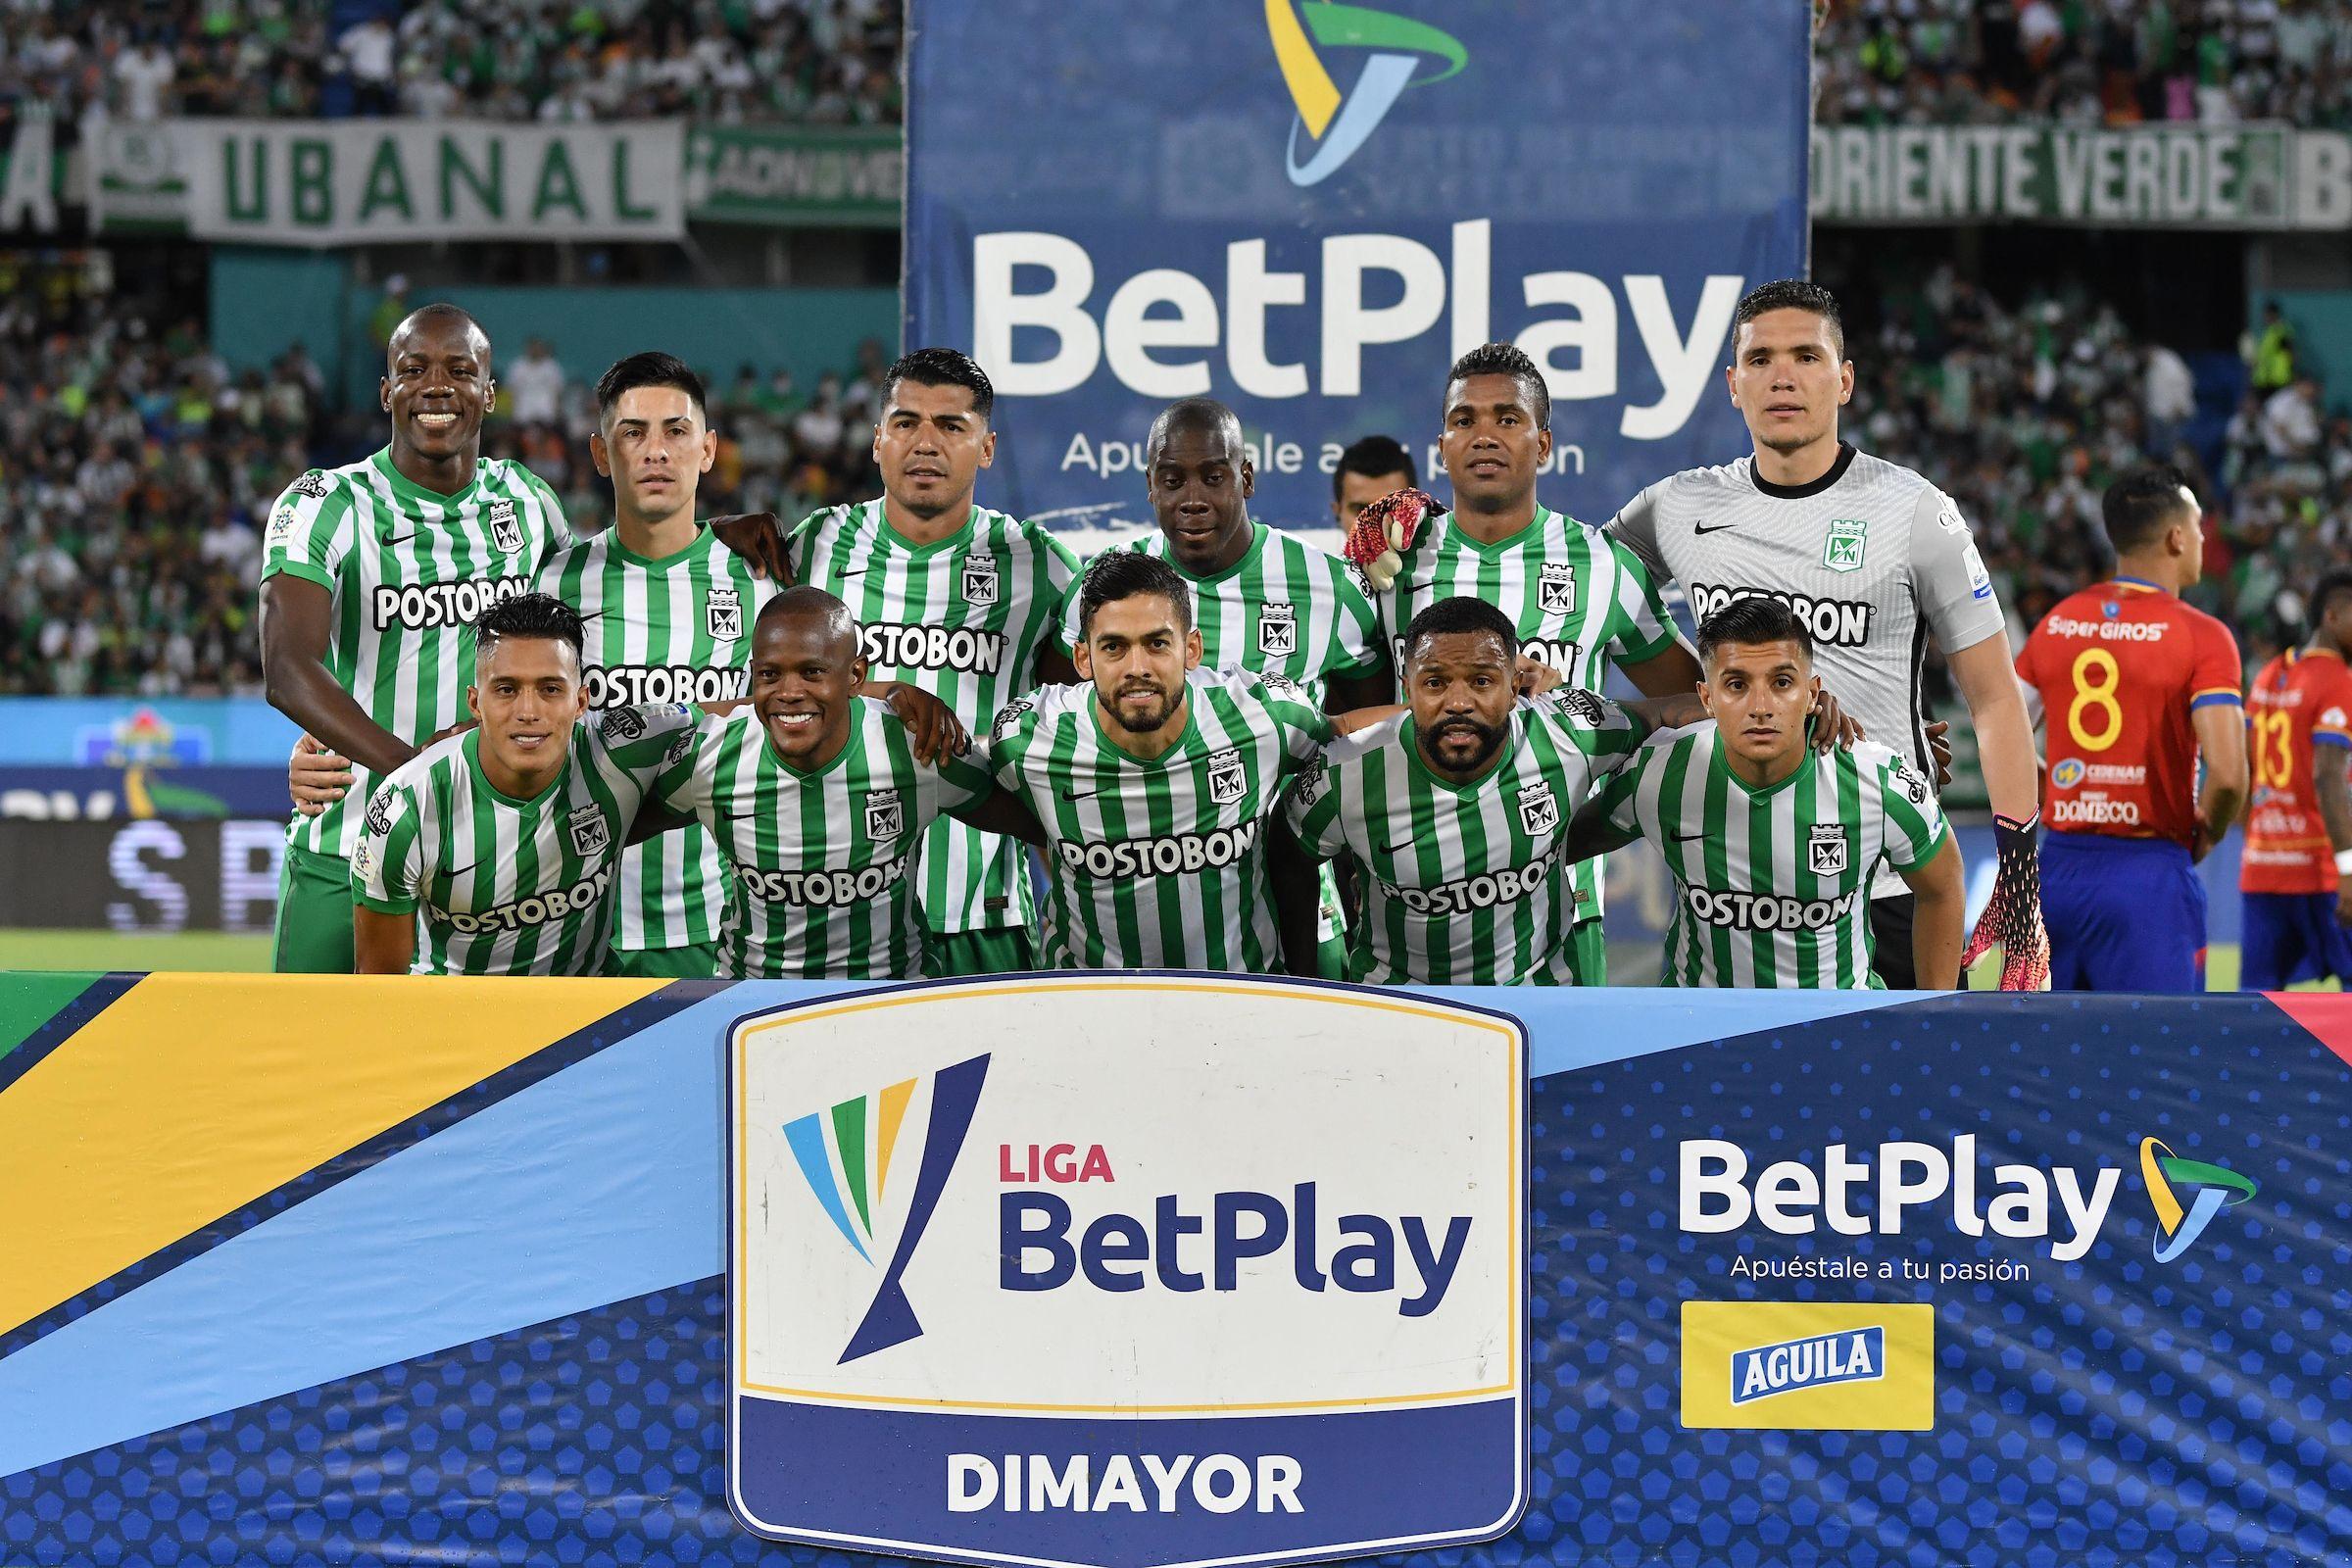 Lo que perdió Atlético Nacional con el empate por 1-1 ante Deportivo Pasto